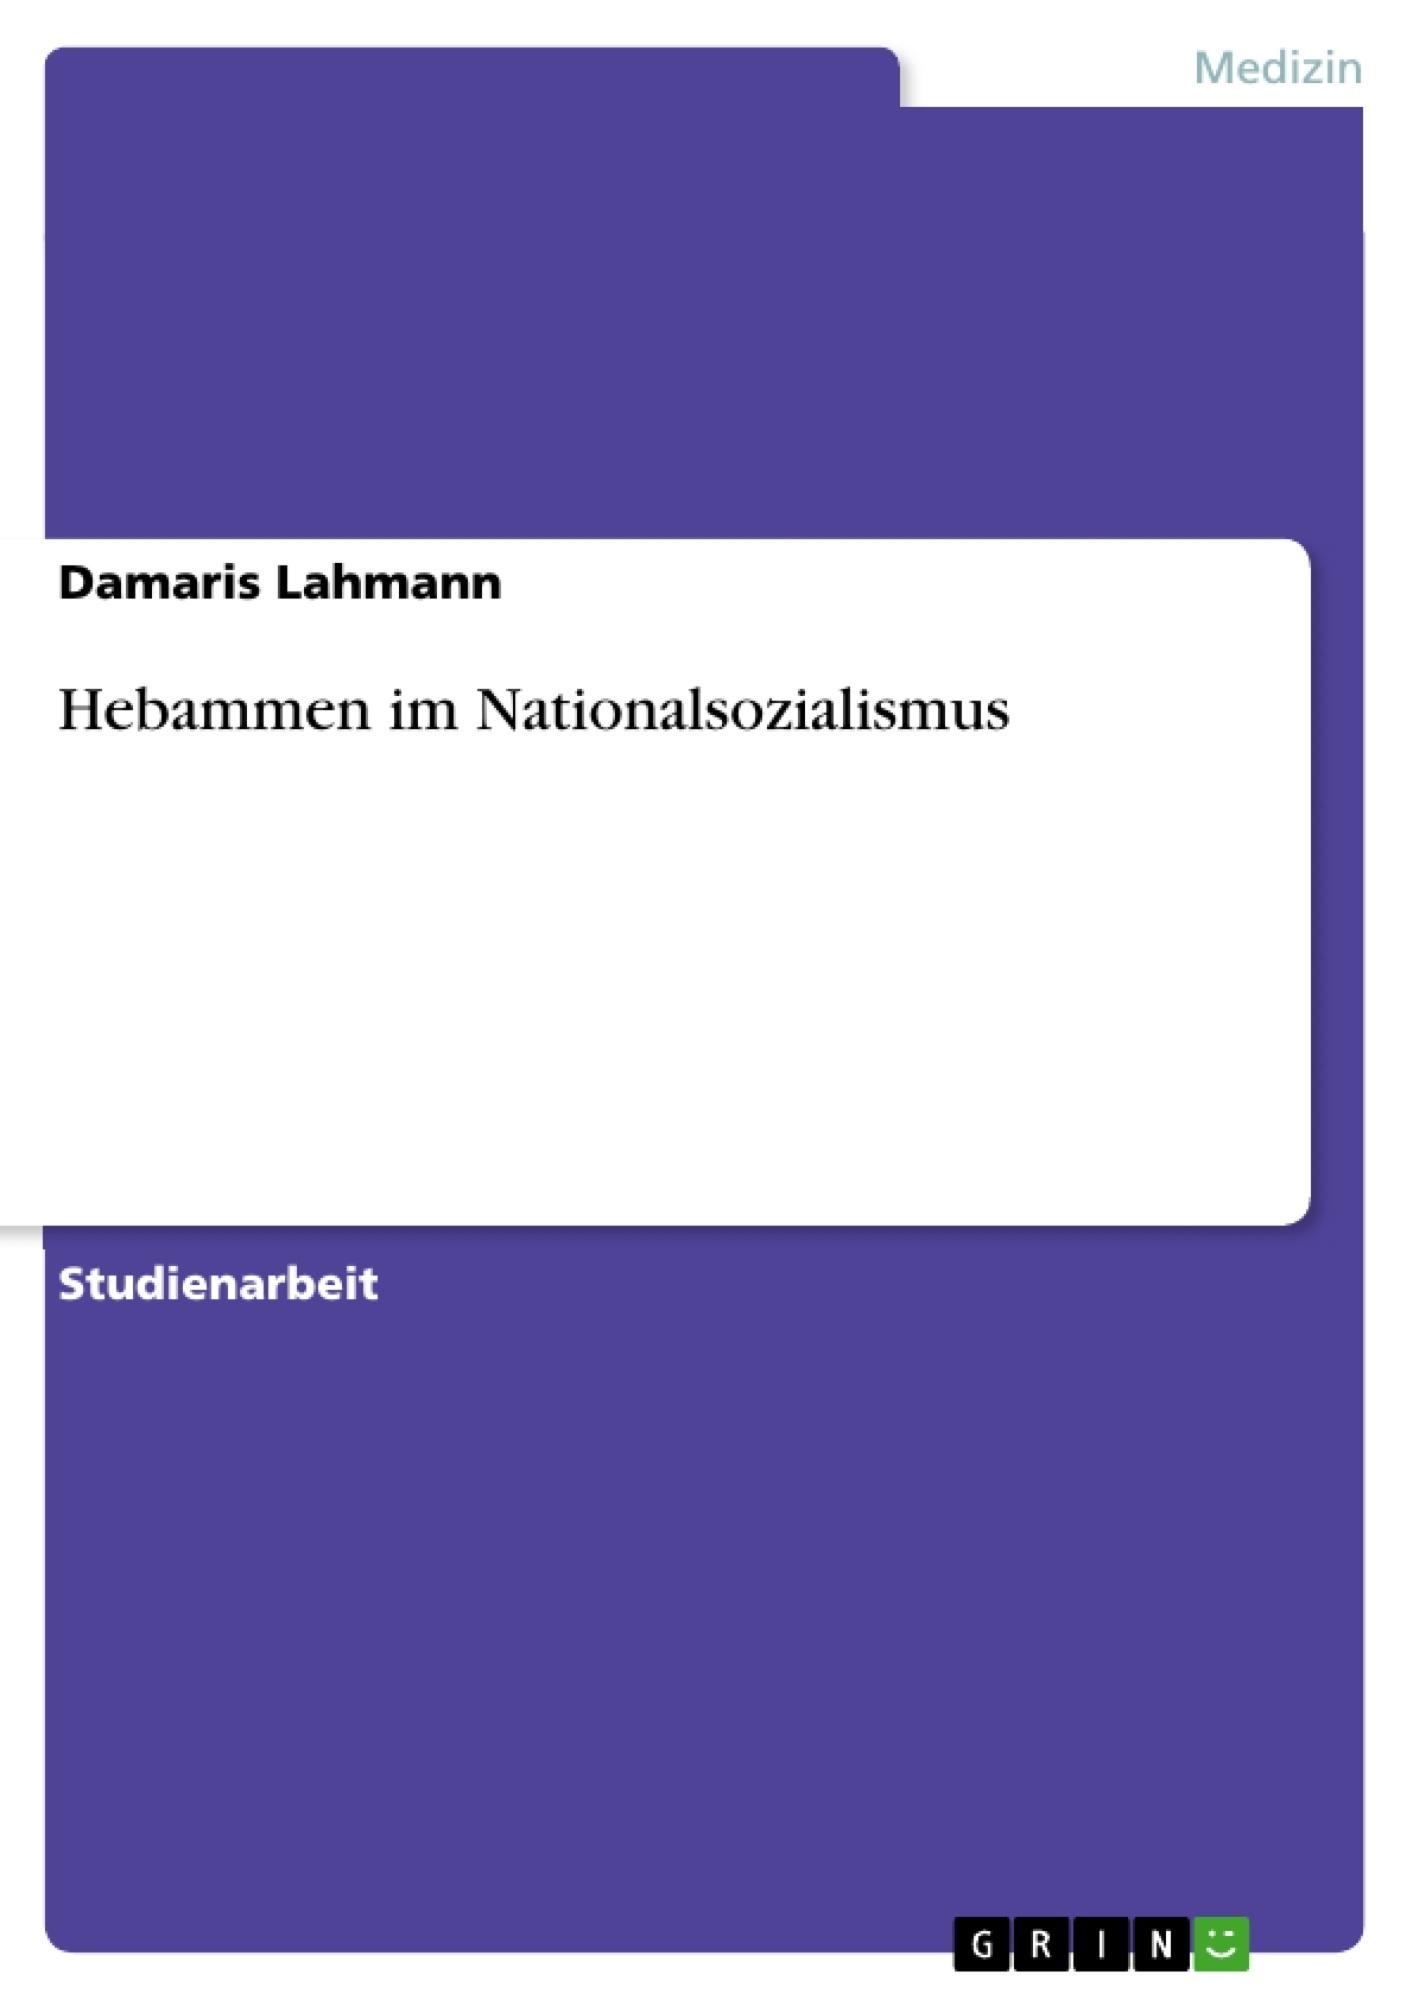 Titel: Hebammen im Nationalsozialismus